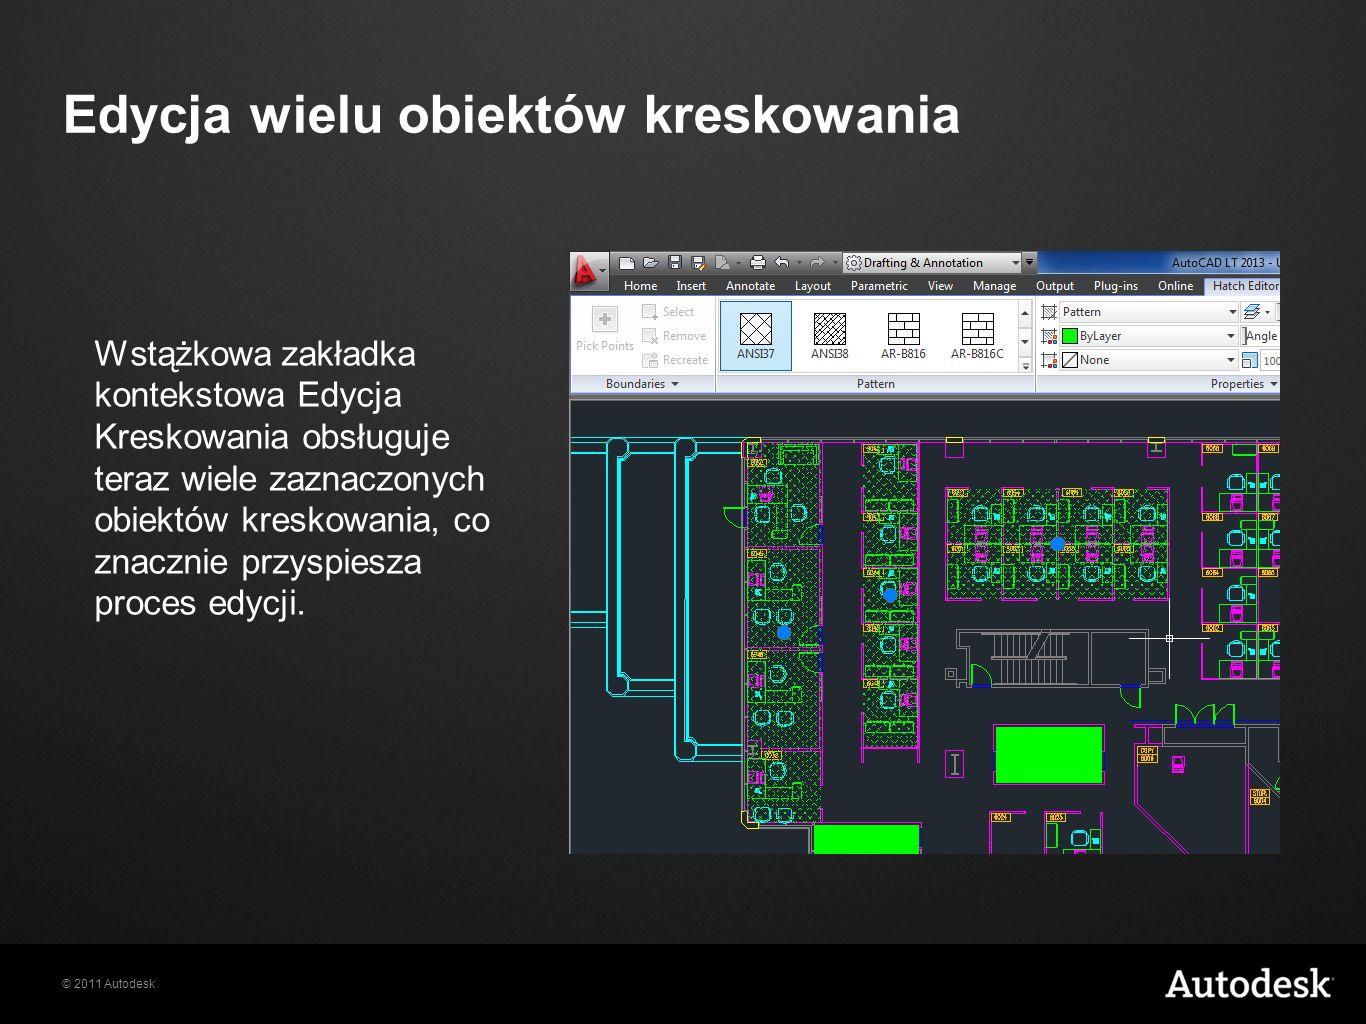 © 2011 Autodesk Edycja wielu obiektów kreskowania Wstążkowa zakładka kontekstowa Edycja Kreskowania obsługuje teraz wiele zaznaczonych obiektów kreskowania, co znacznie przyspiesza proces edycji.